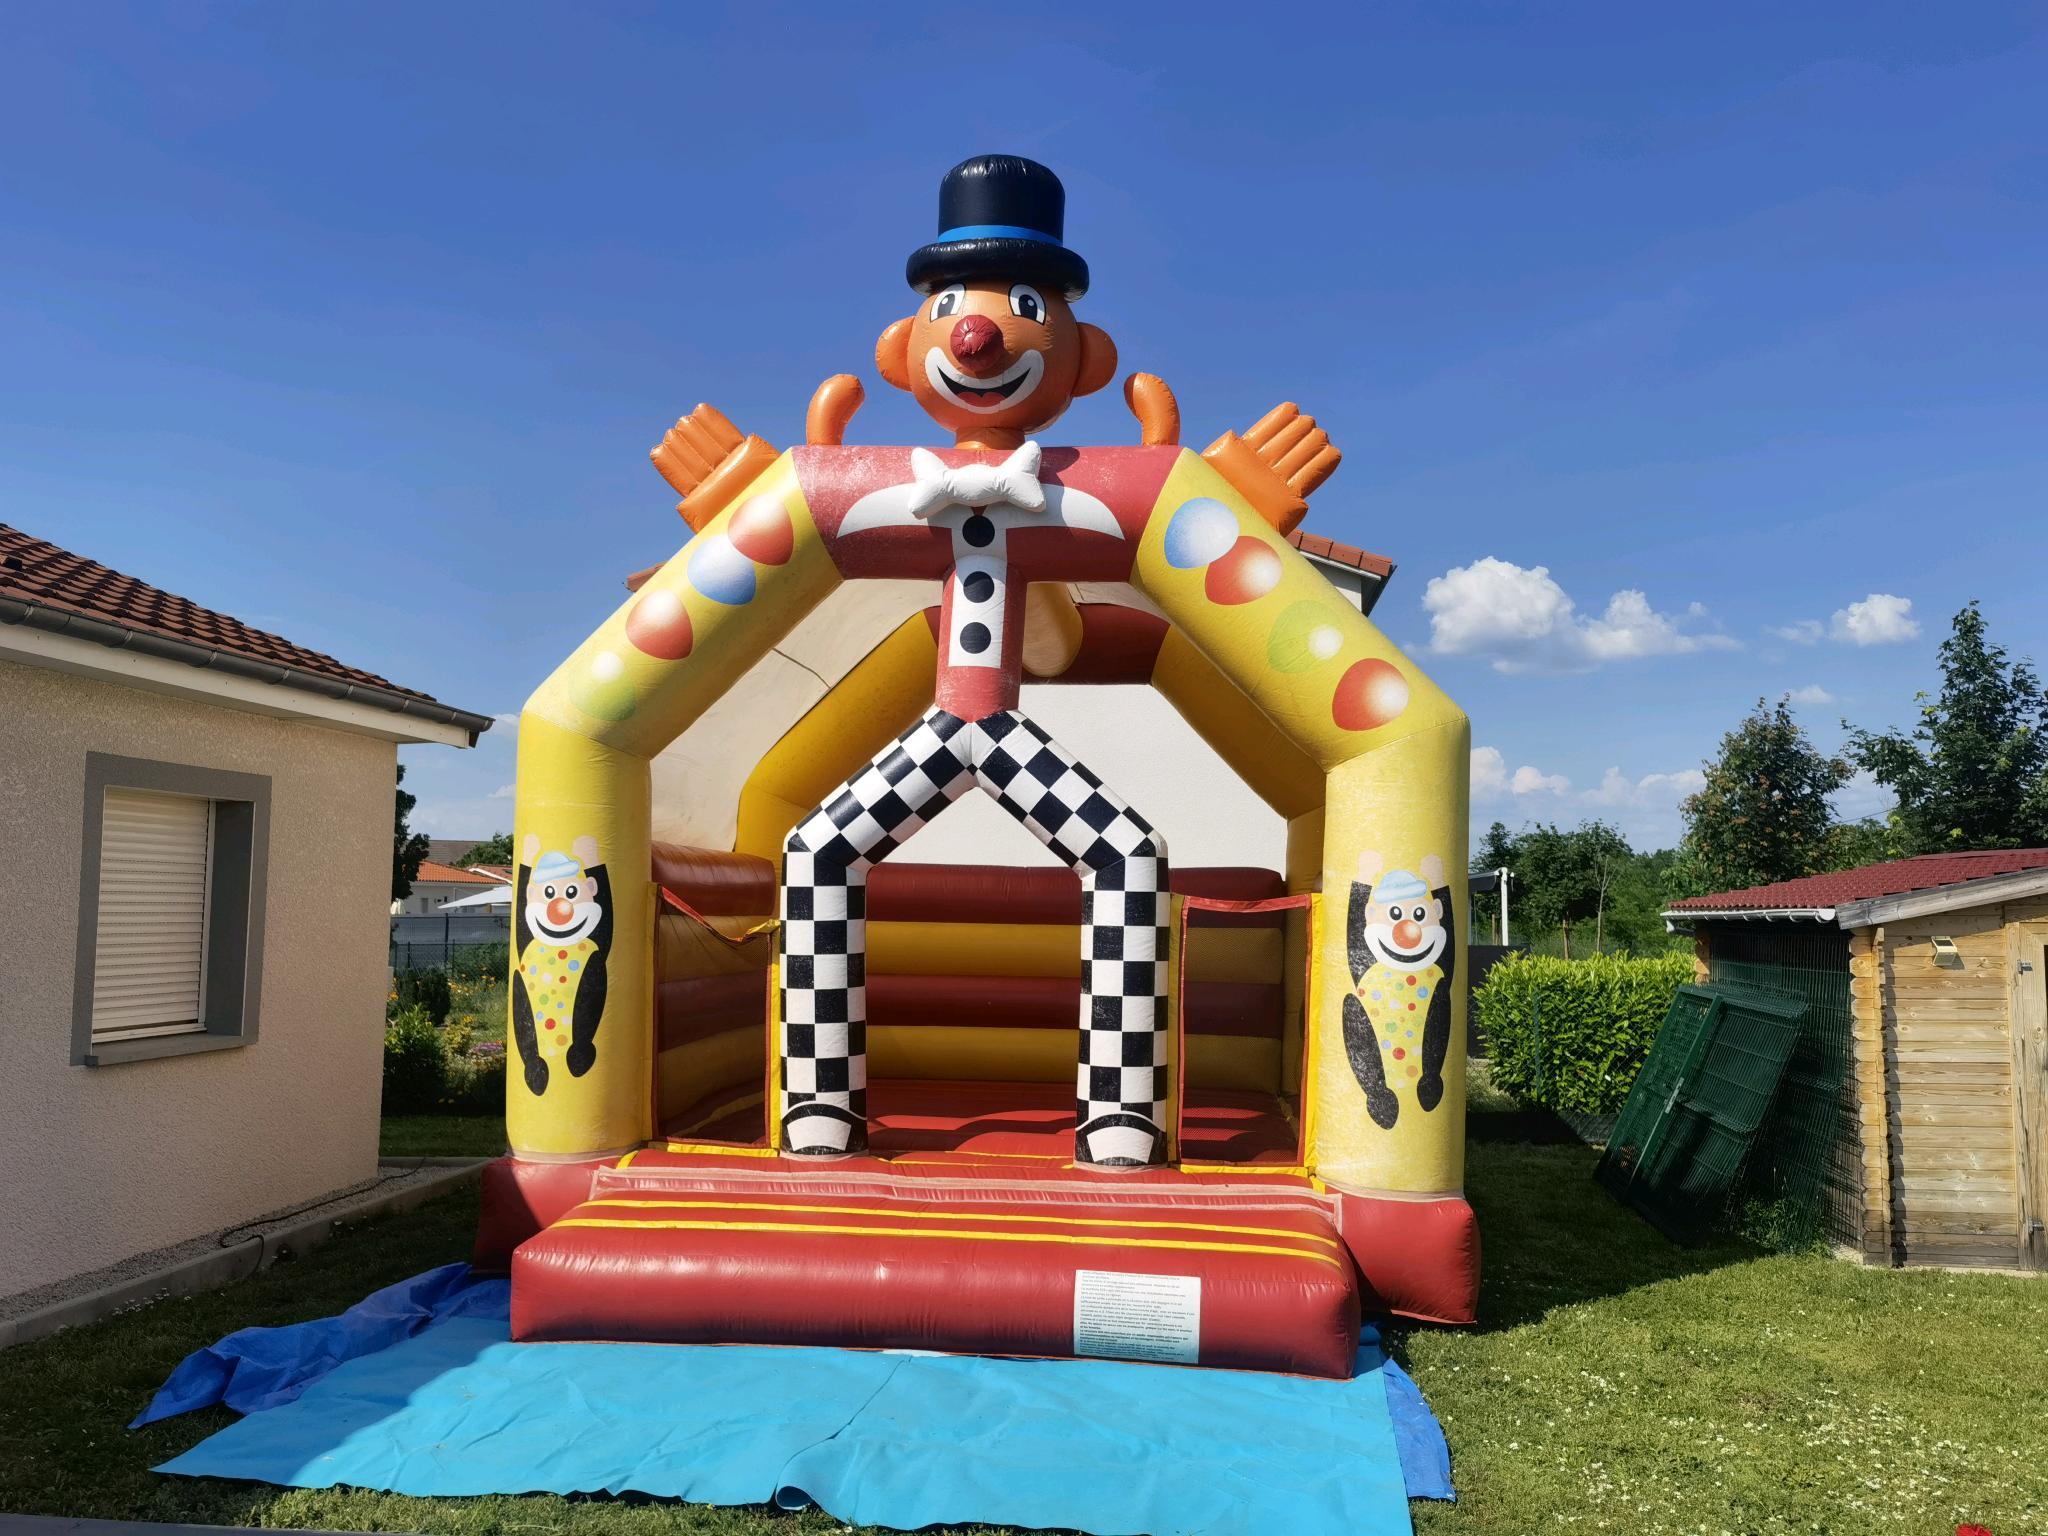 location structure gonflable roanne loire clubbing events dj sono le clown